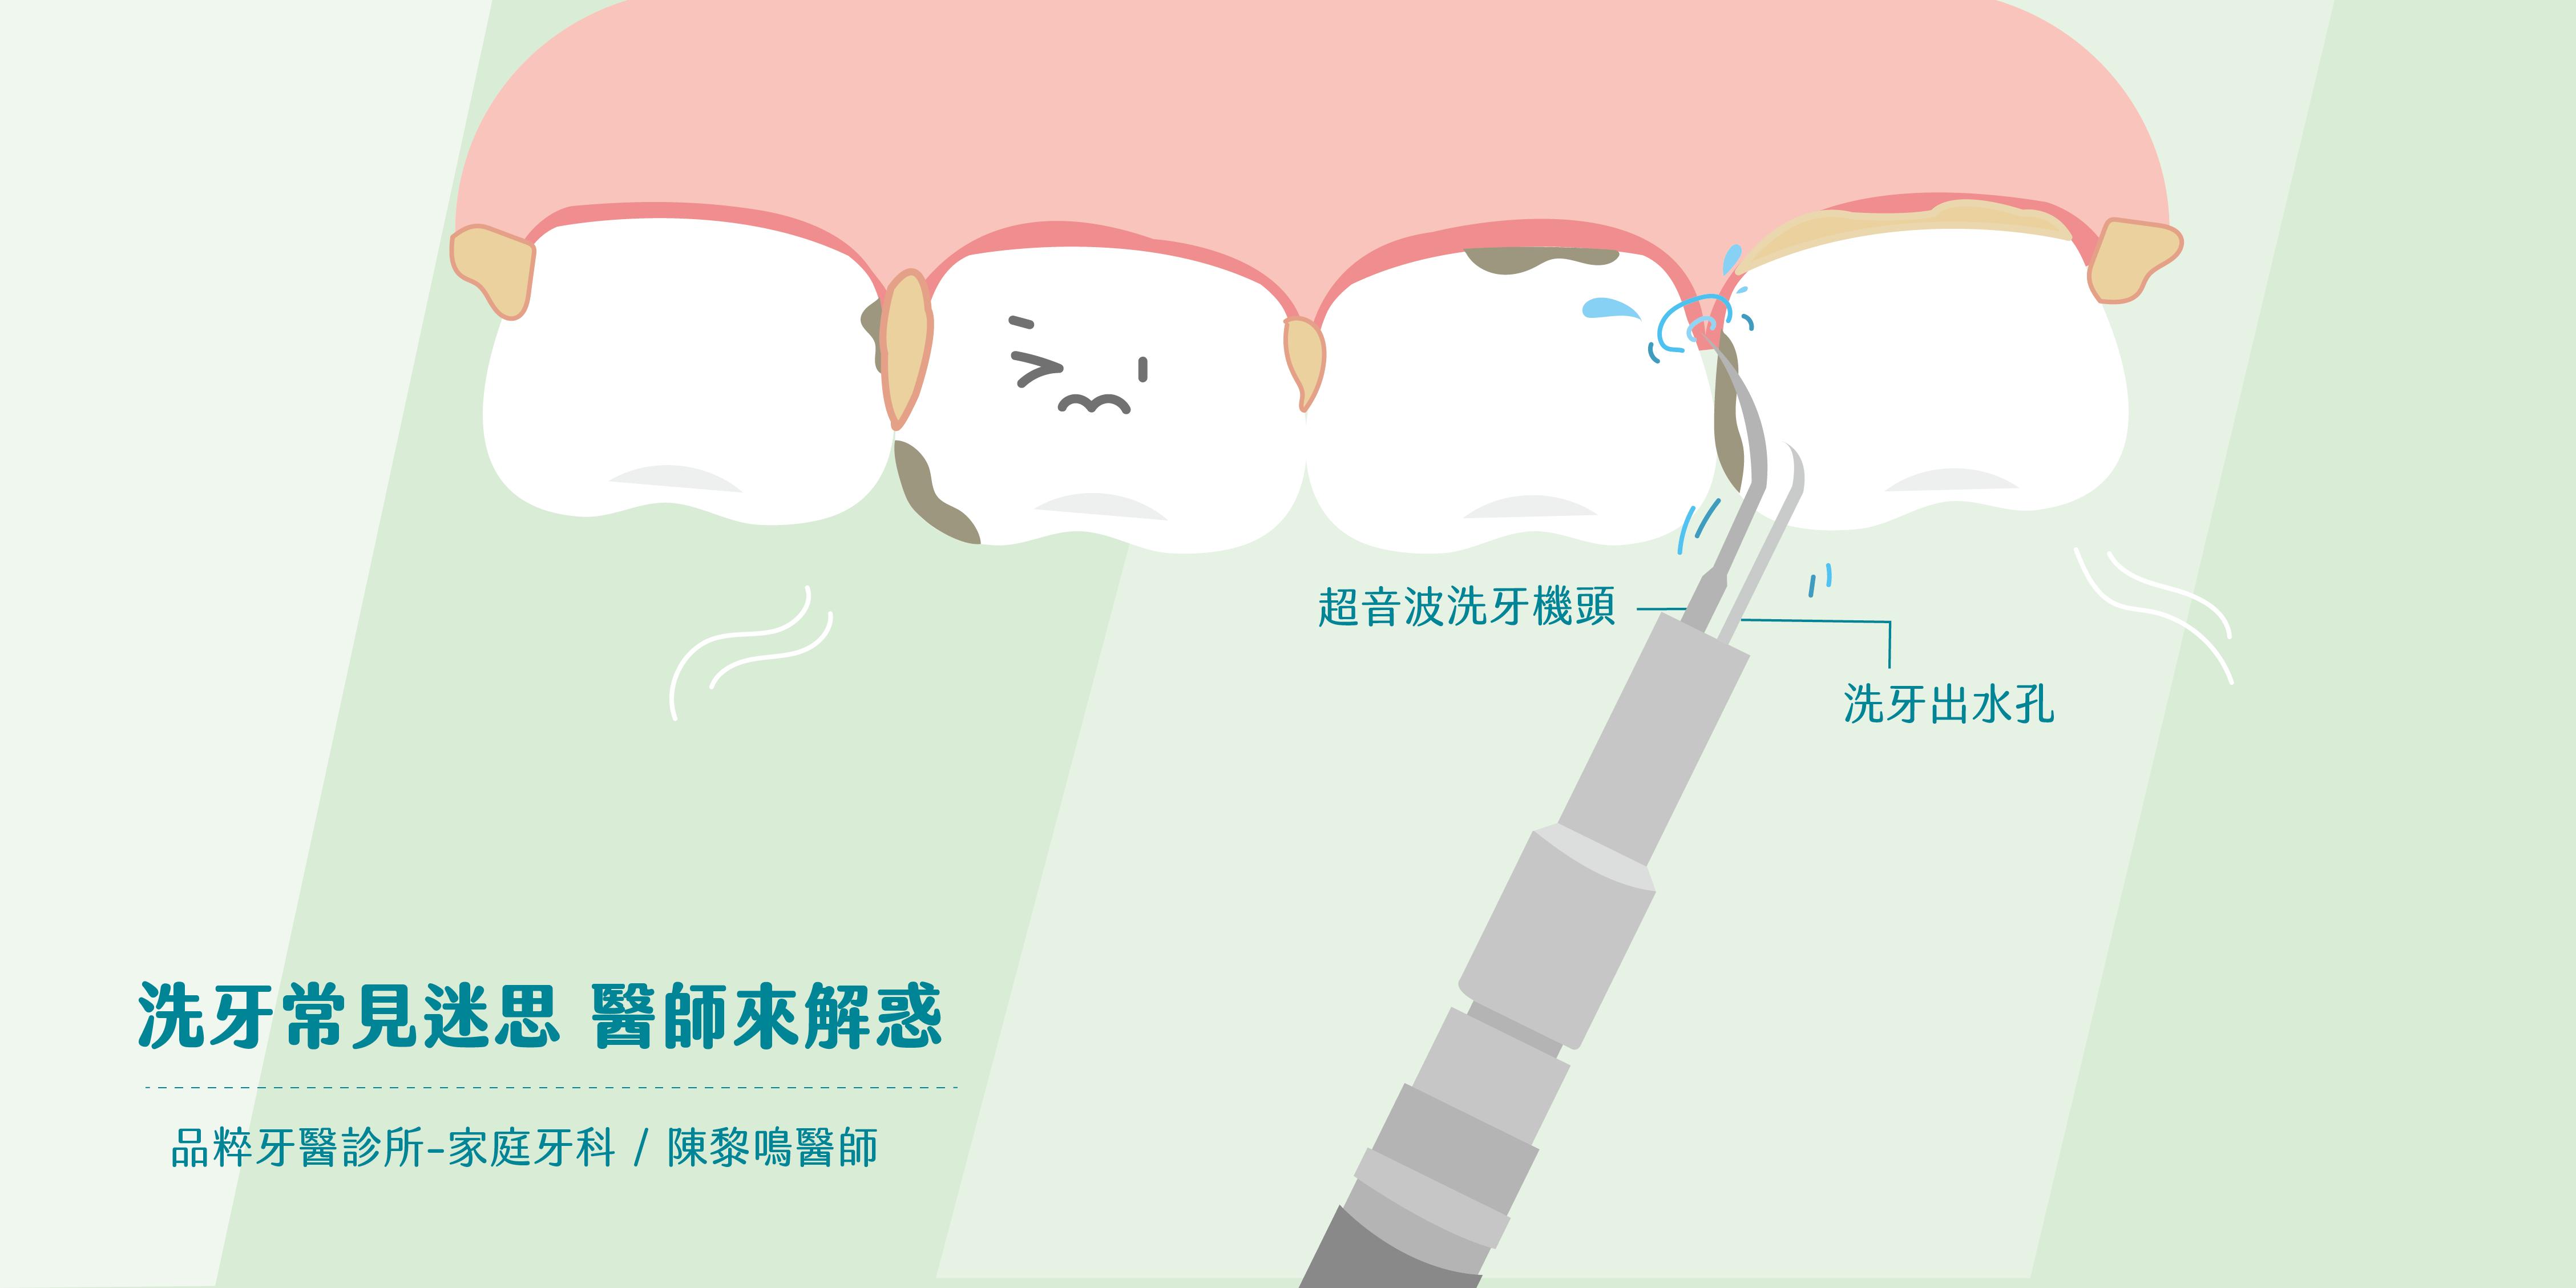 超音波洗牙機頭正在沖洗一排牙齒